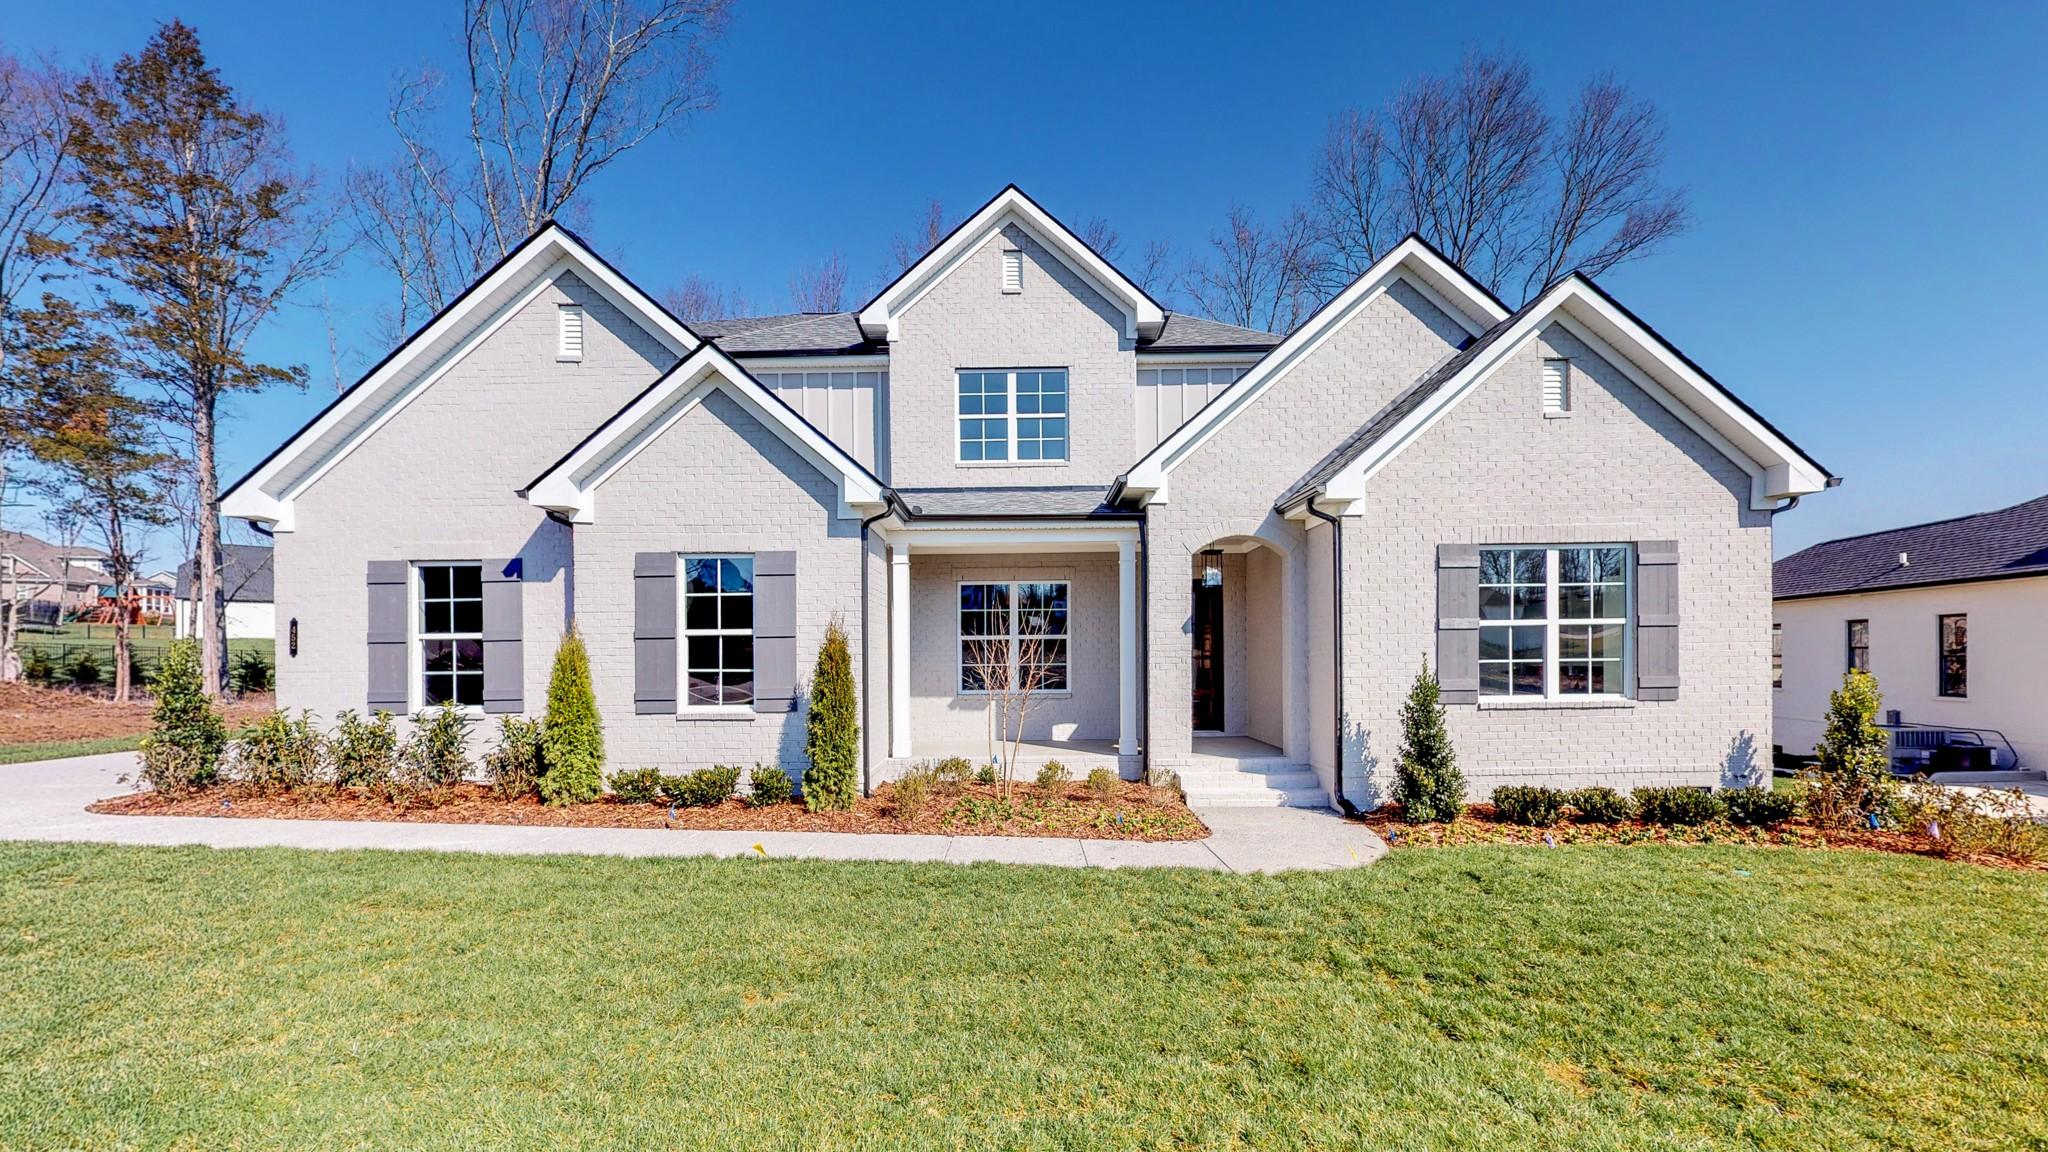 452 Oldenburg Rd, Nolensville, TN 37135 - Nolensville, TN real estate listing